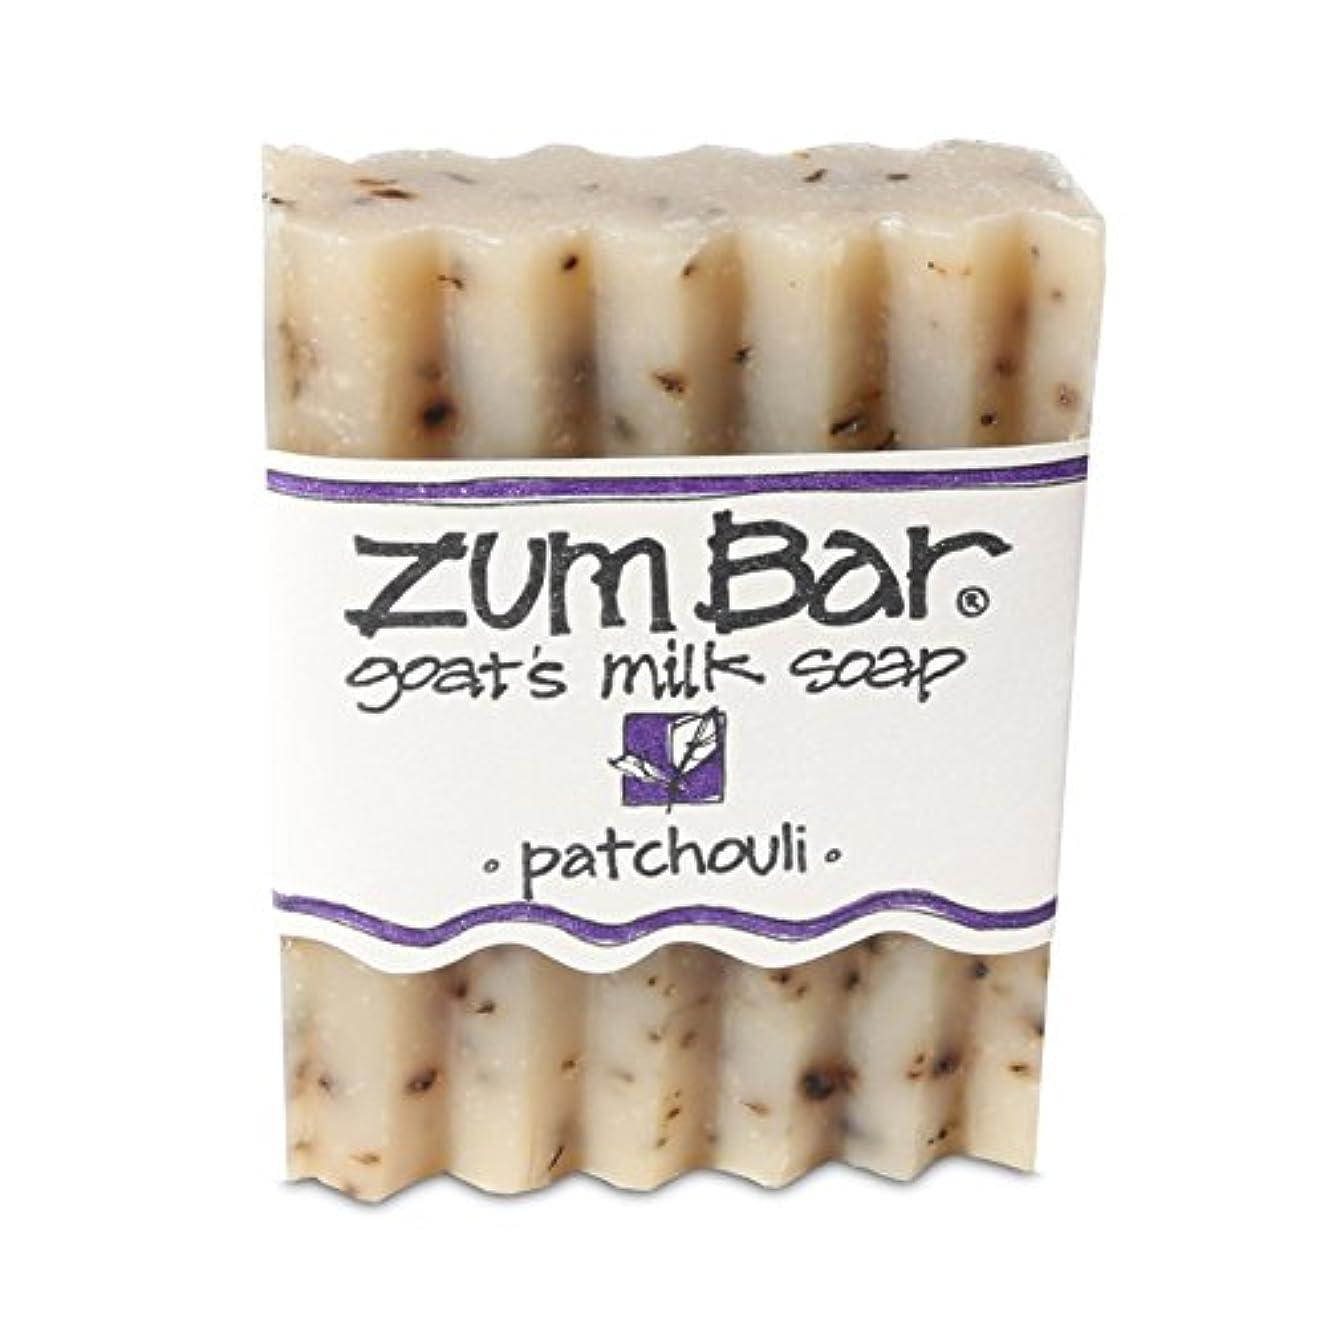 ブルーベルフラフープ回復する海外直送品 Indigo Wild, Zum Bar, Goat's ミルク ソープ パチョリ, 3 Ounces (2個セット) (Patchouli) [並行輸入品]